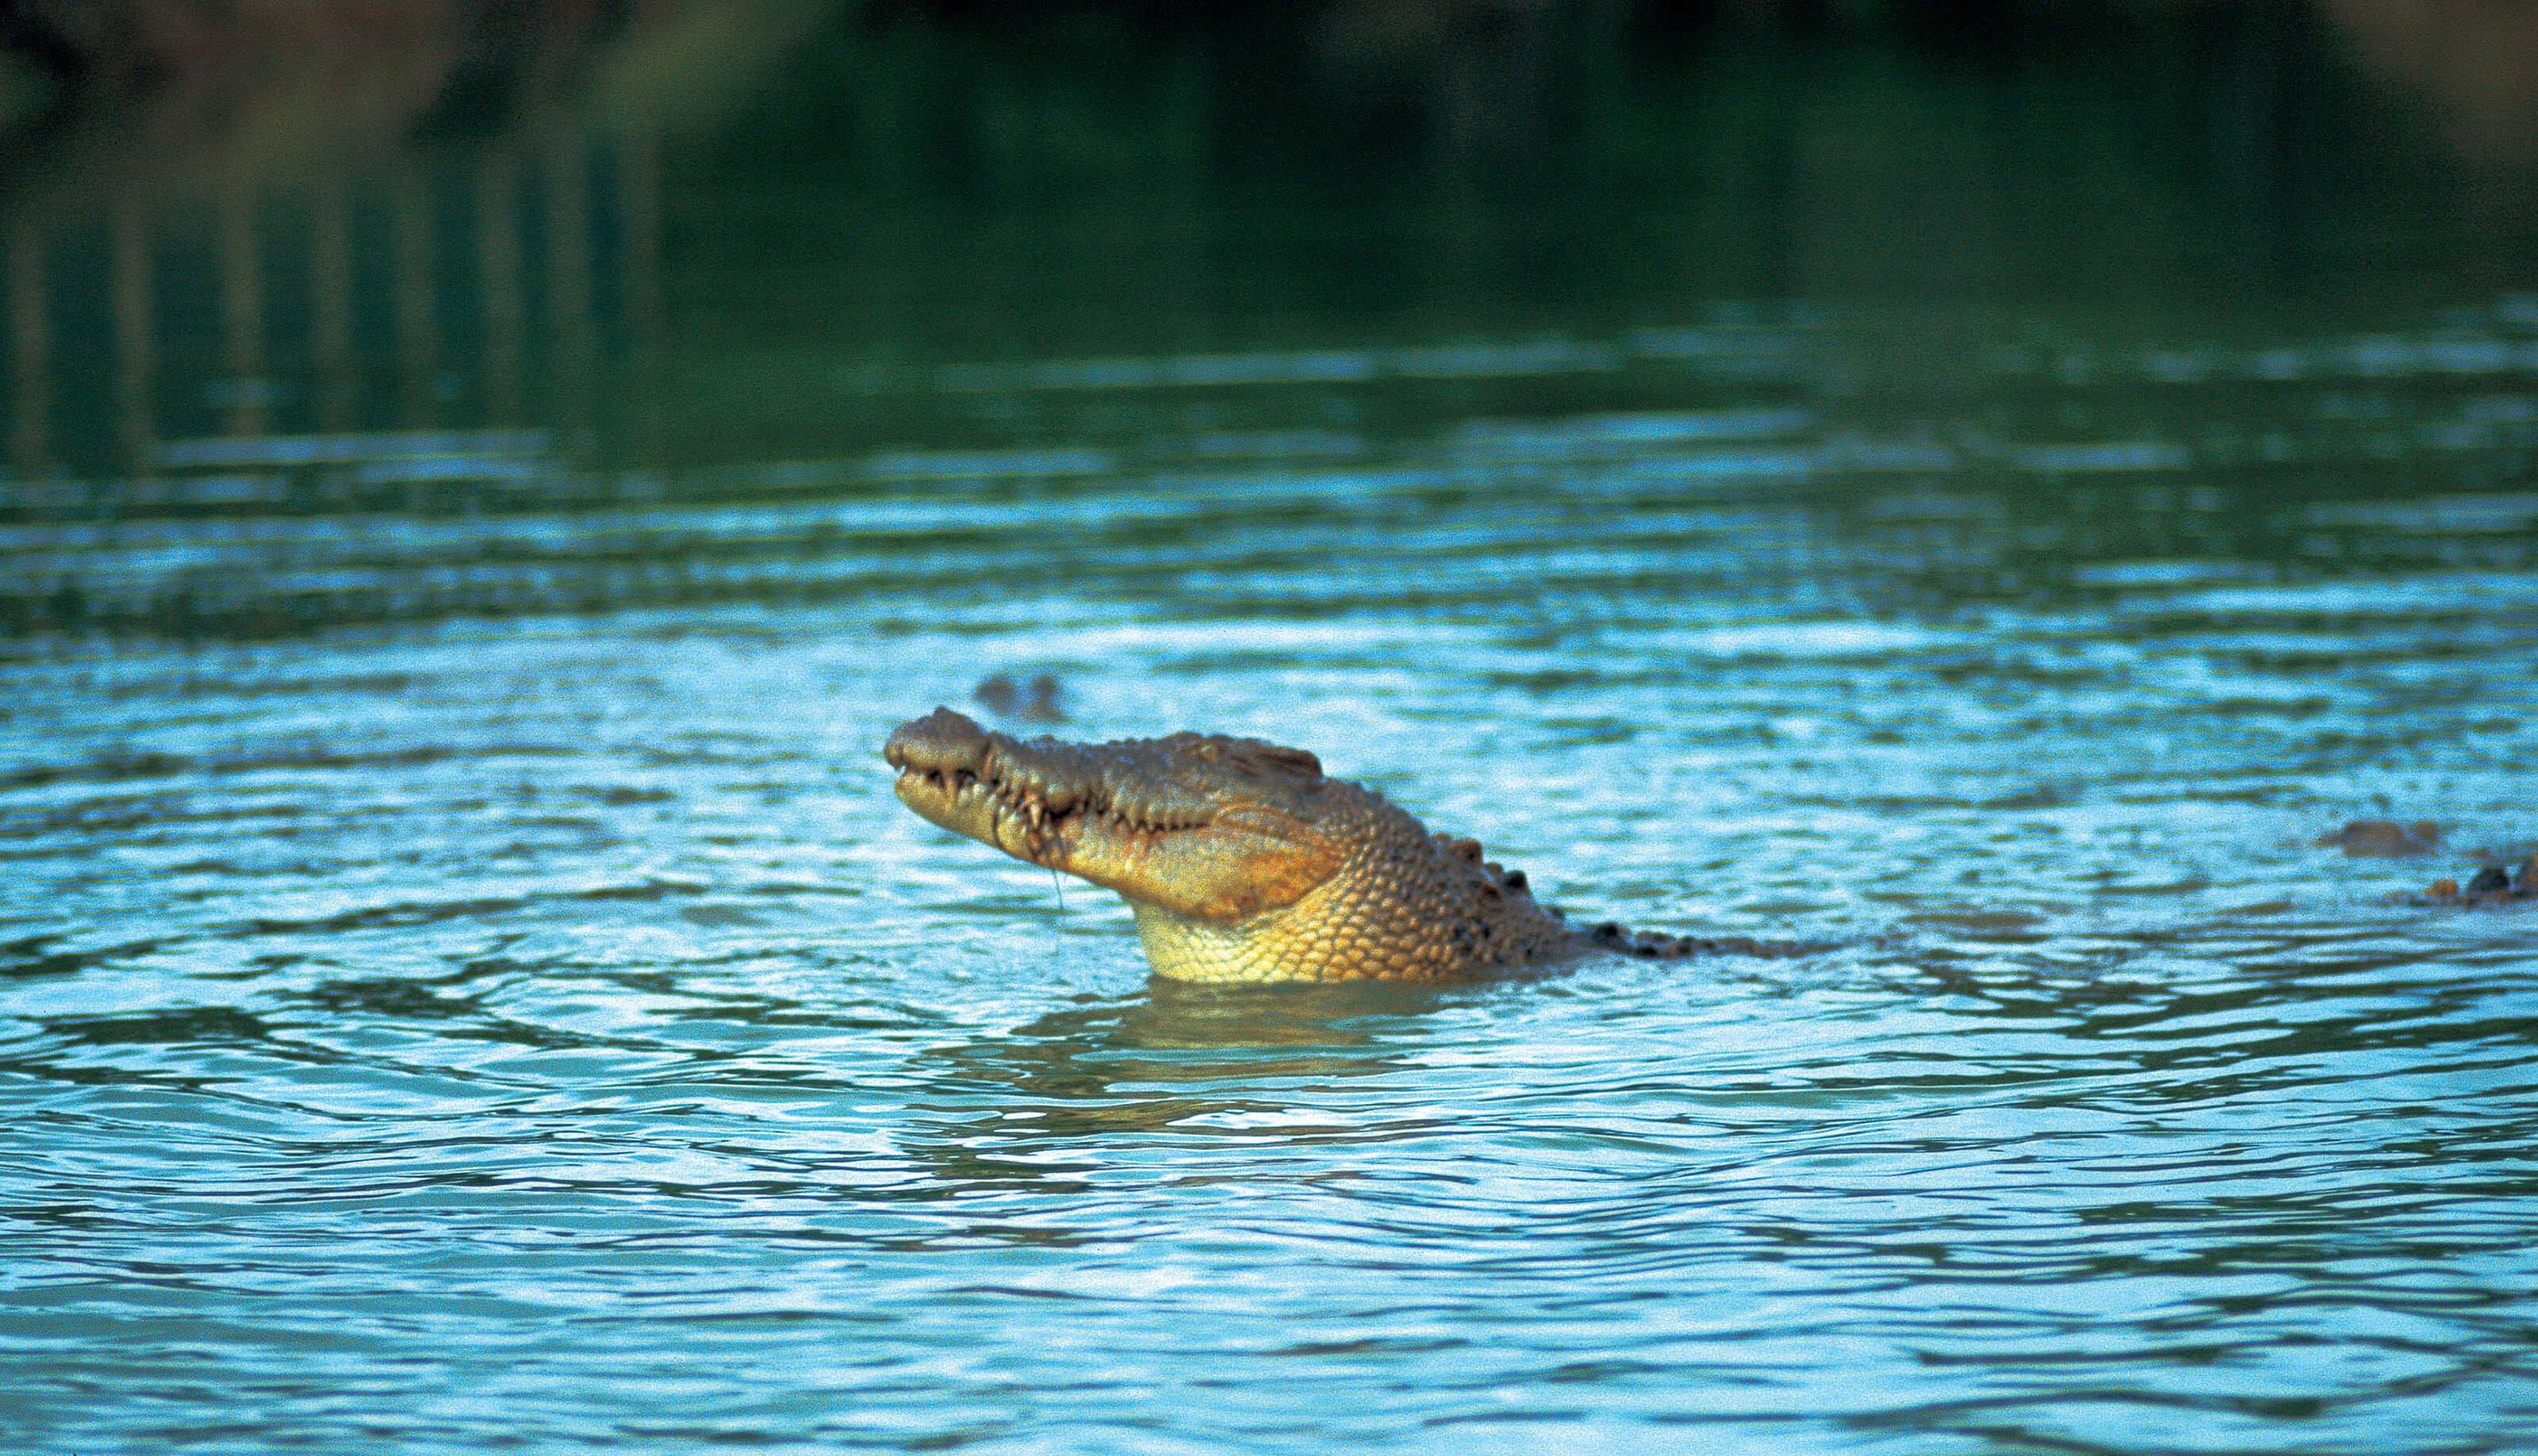 Wild crocodile in river